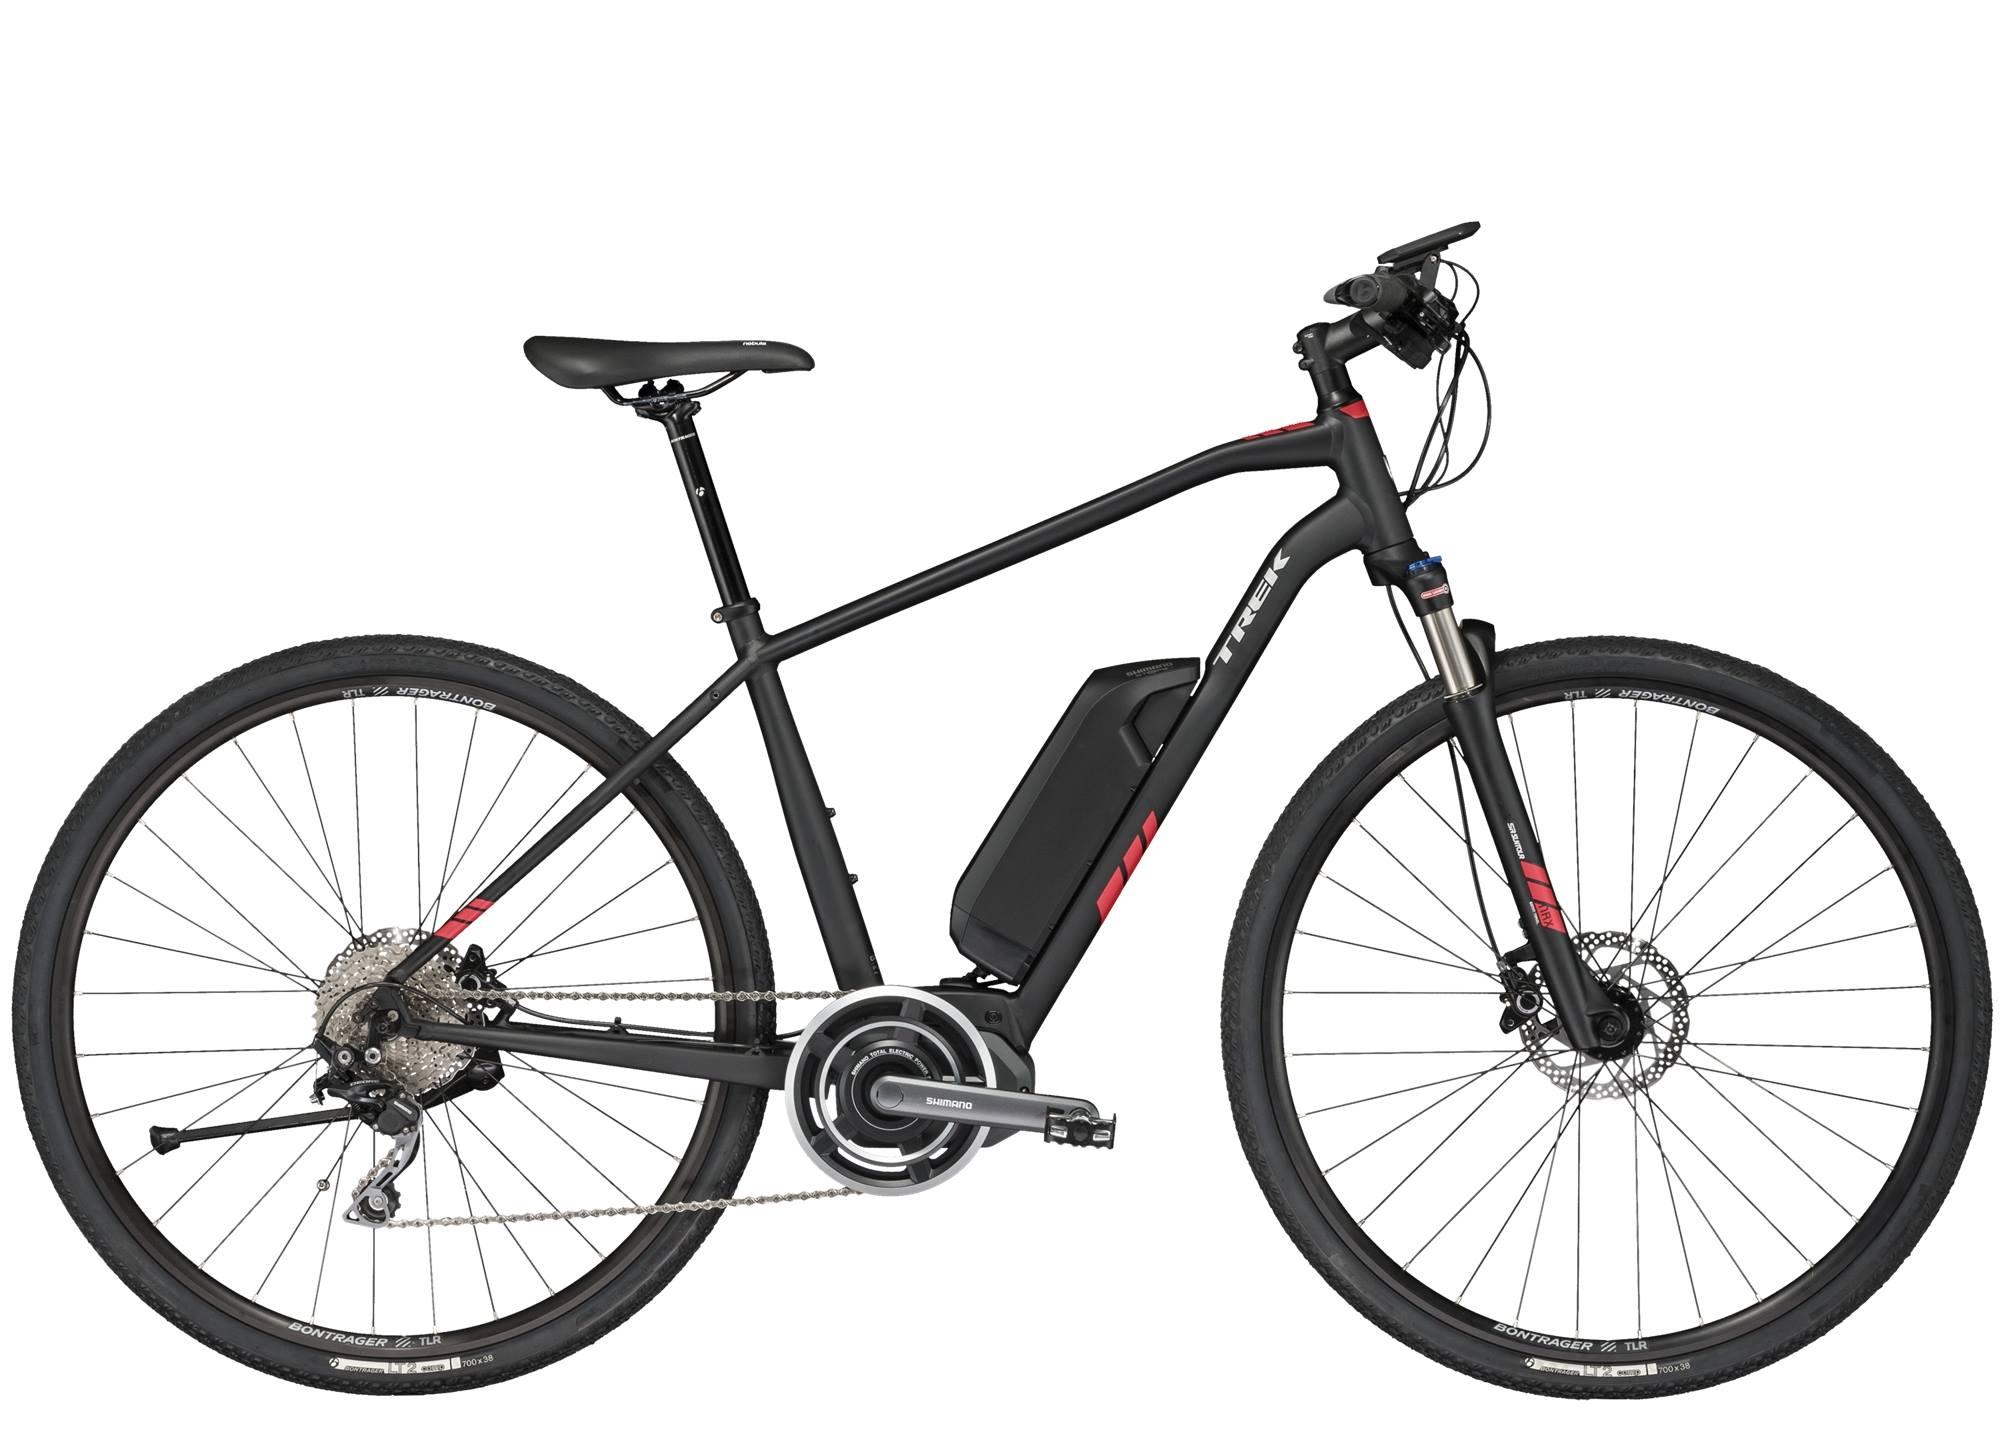 trekbike-the-cycle-path-cornelius-neeleys-kitchen-